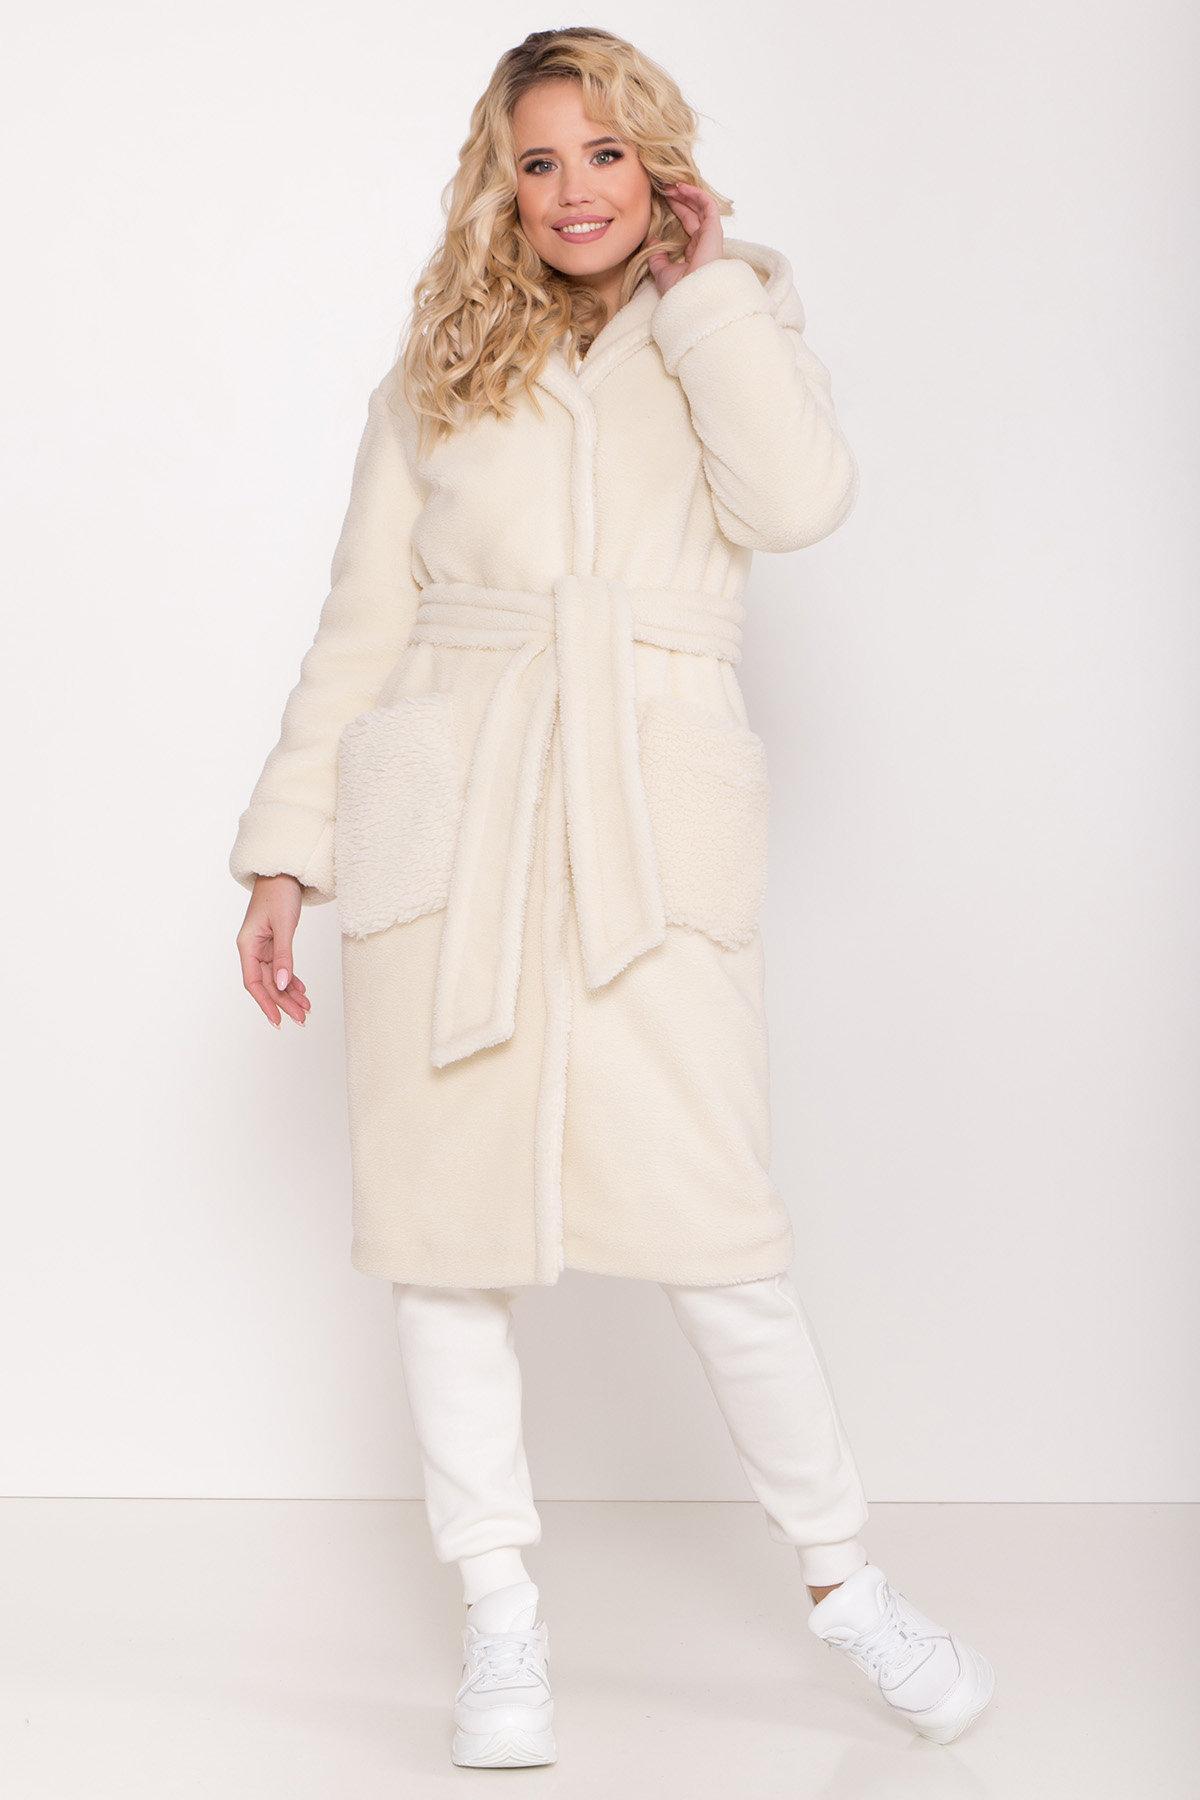 Пальто из искусственного меха Анита 8197 АРТ. 44955 Цвет: Молоко - фото 2, интернет магазин tm-modus.ru